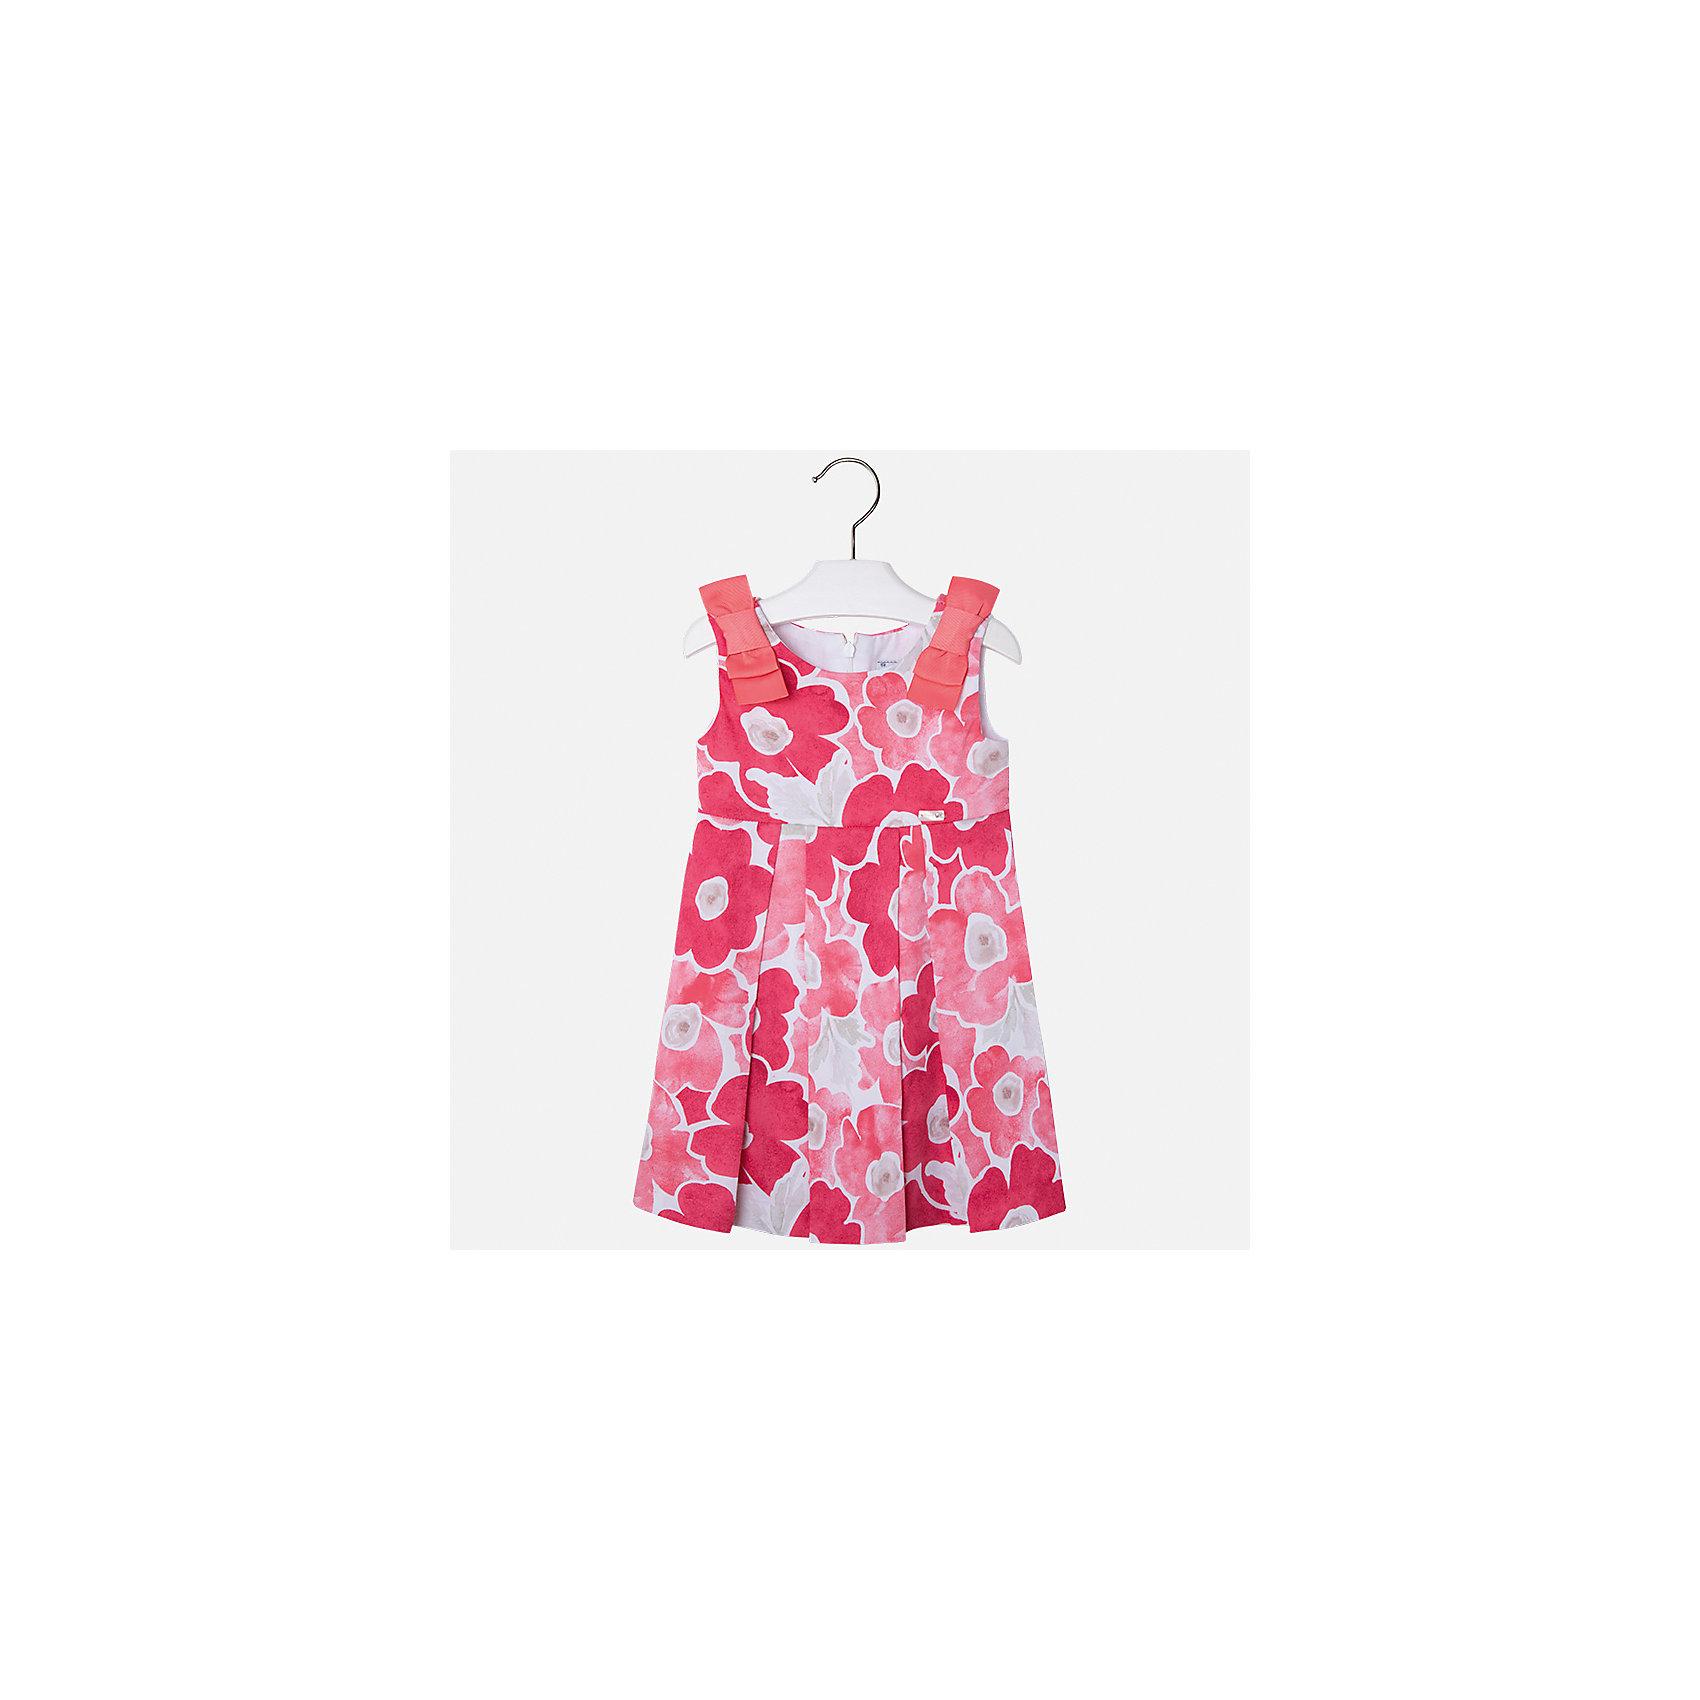 Платье для девочки MayoralЛетние платья и сарафаны<br>Характеристики товара:<br><br>• цвет: розовый<br>• состав: 97% хлопок, 3% эластан, подкладка - 50% полиэстер, 50% хлопок<br>• застежка: молния<br>• принт<br>• украшено бантами<br>• без рукавов<br>• с подкладкой<br>• страна бренда: Испания<br><br>Модное красивое платье для девочки поможет разнообразить гардероб ребенка и создать эффектный наряд. Оно отлично подойдет для торжественных случаев или на каждый день. Красивый оттенок позволяет подобрать к вещи обувь разных расцветок. В составе материала подкладки - натуральный хлопок, гипоаллергенный, приятный на ощупь, дышащий. Платье хорошо сидит по фигуре.<br><br>Одежда, обувь и аксессуары от испанского бренда Mayoral полюбились детям и взрослым по всему миру. Модели этой марки - стильные и удобные. Для их производства используются только безопасные, качественные материалы и фурнитура. Порадуйте ребенка модными и красивыми вещами от Mayoral! <br><br>Платье для девочки от испанского бренда Mayoral (Майорал) можно купить в нашем интернет-магазине.<br><br>Ширина мм: 236<br>Глубина мм: 16<br>Высота мм: 184<br>Вес г: 177<br>Цвет: оранжевый<br>Возраст от месяцев: 96<br>Возраст до месяцев: 108<br>Пол: Женский<br>Возраст: Детский<br>Размер: 134,92,98,104,110,116,122,128<br>SKU: 5291355